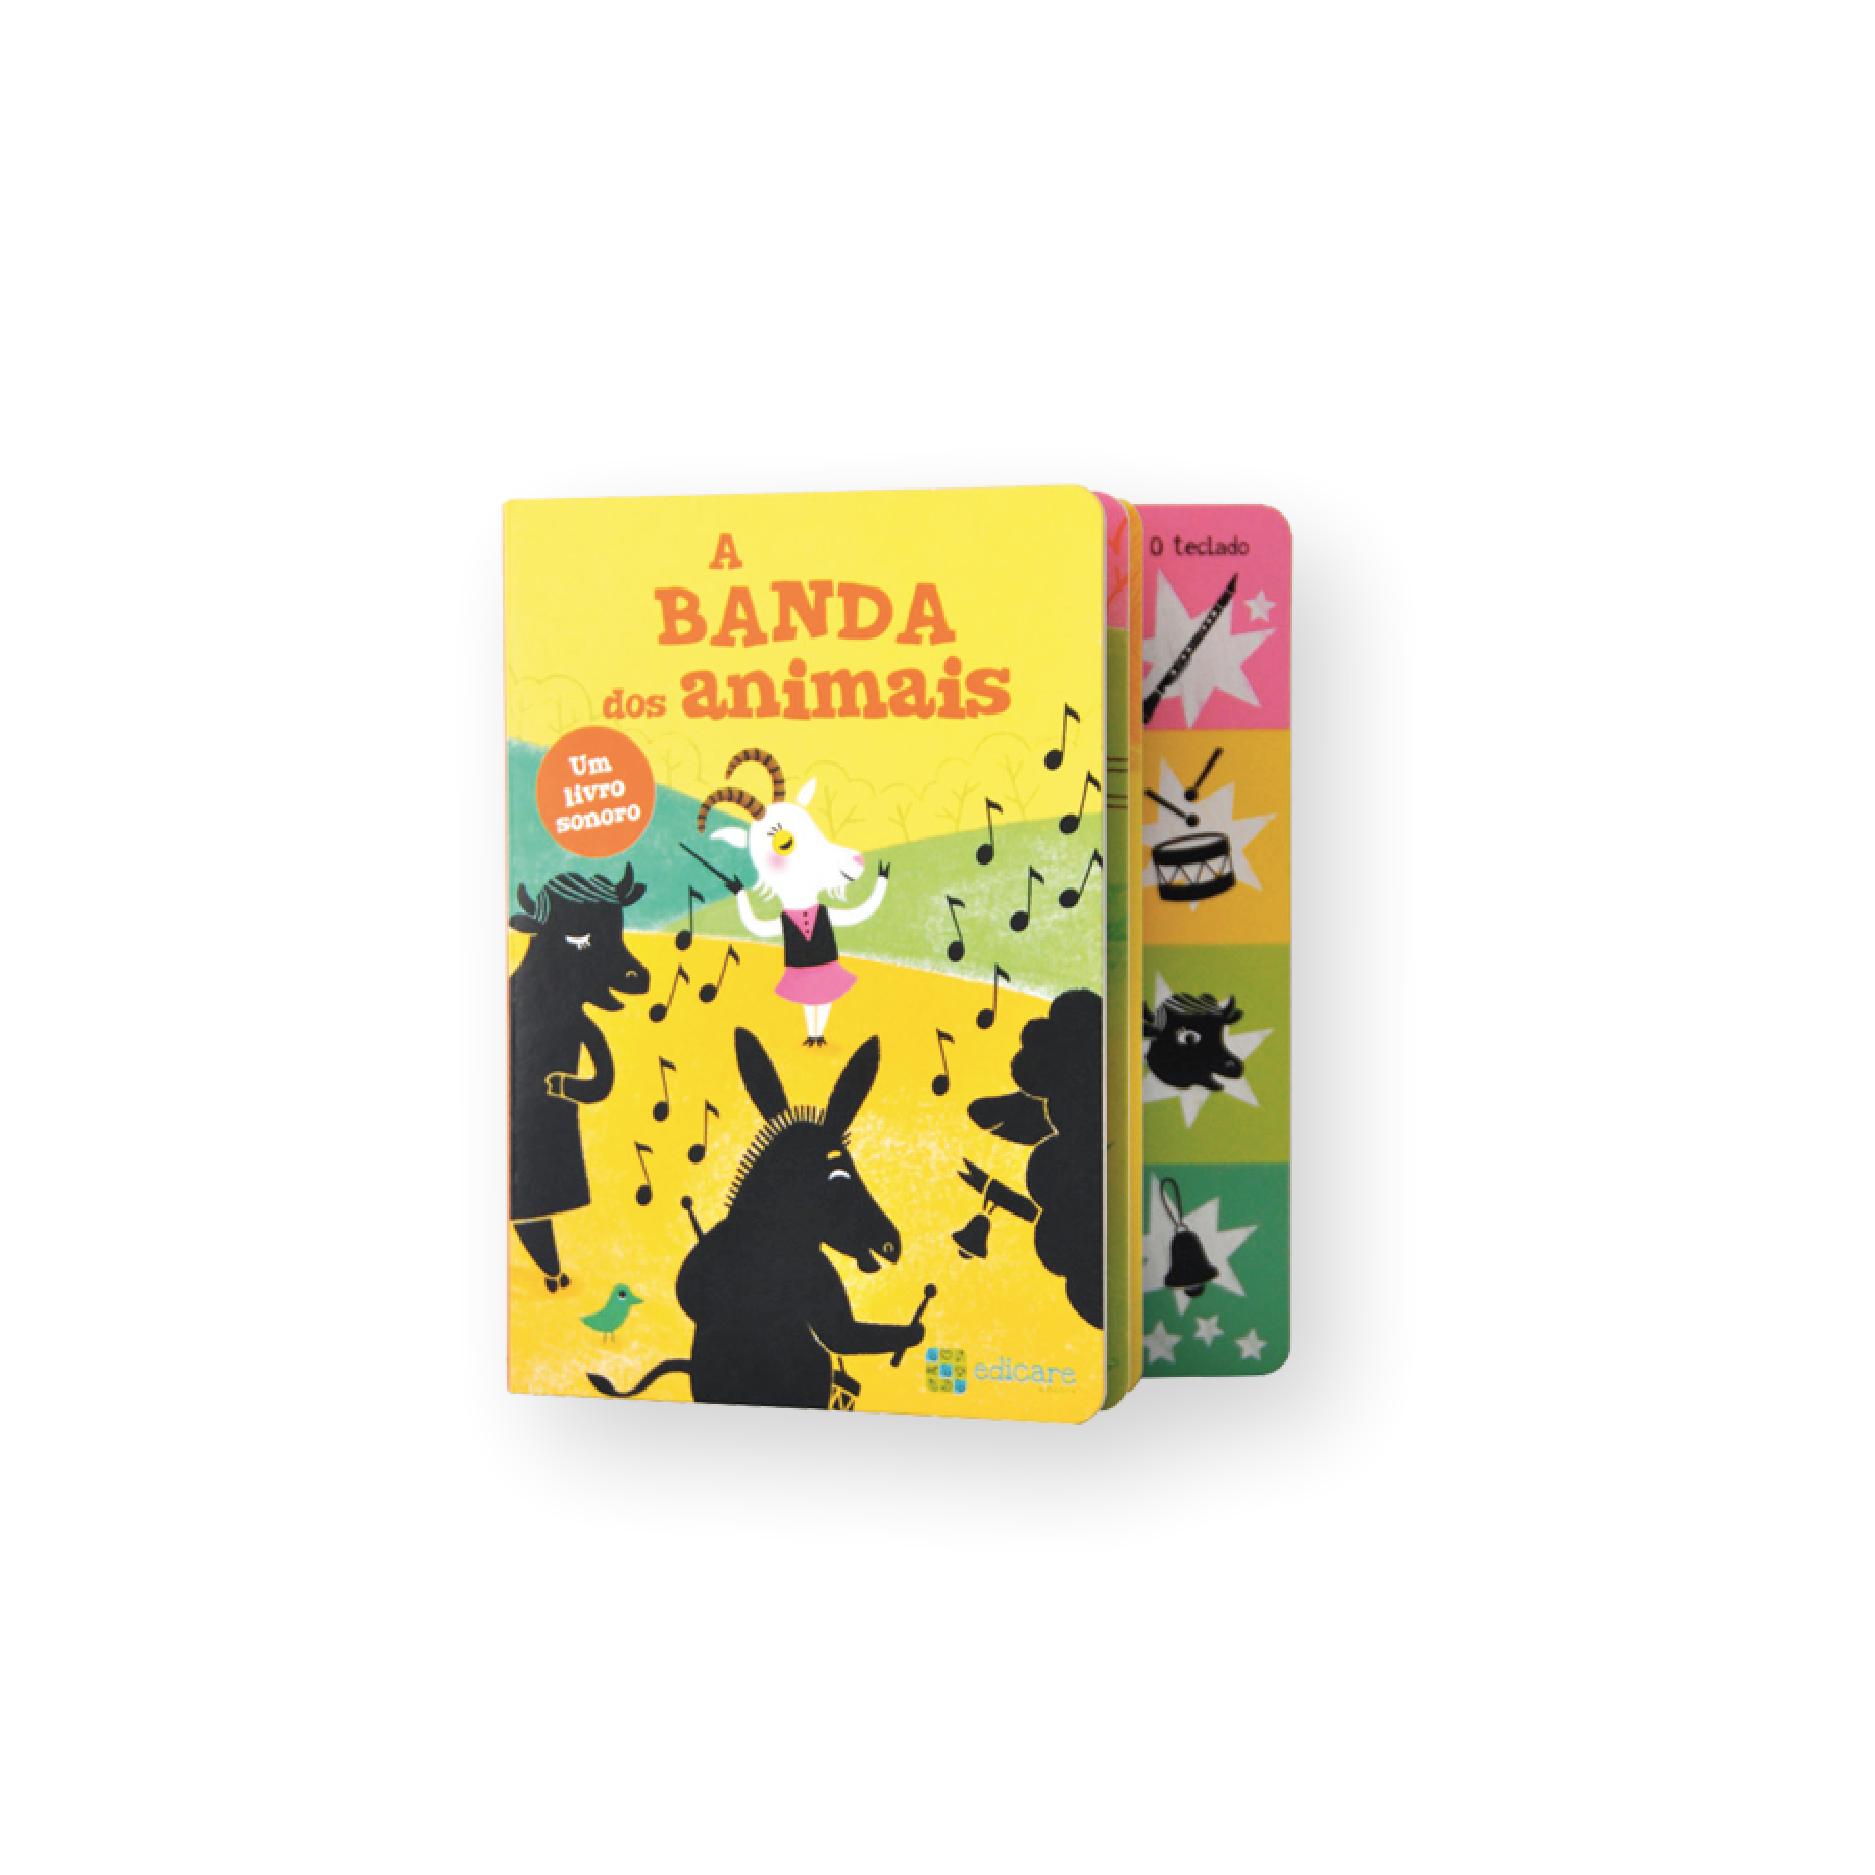 A Banda Dos Animais | Livro Sonoro